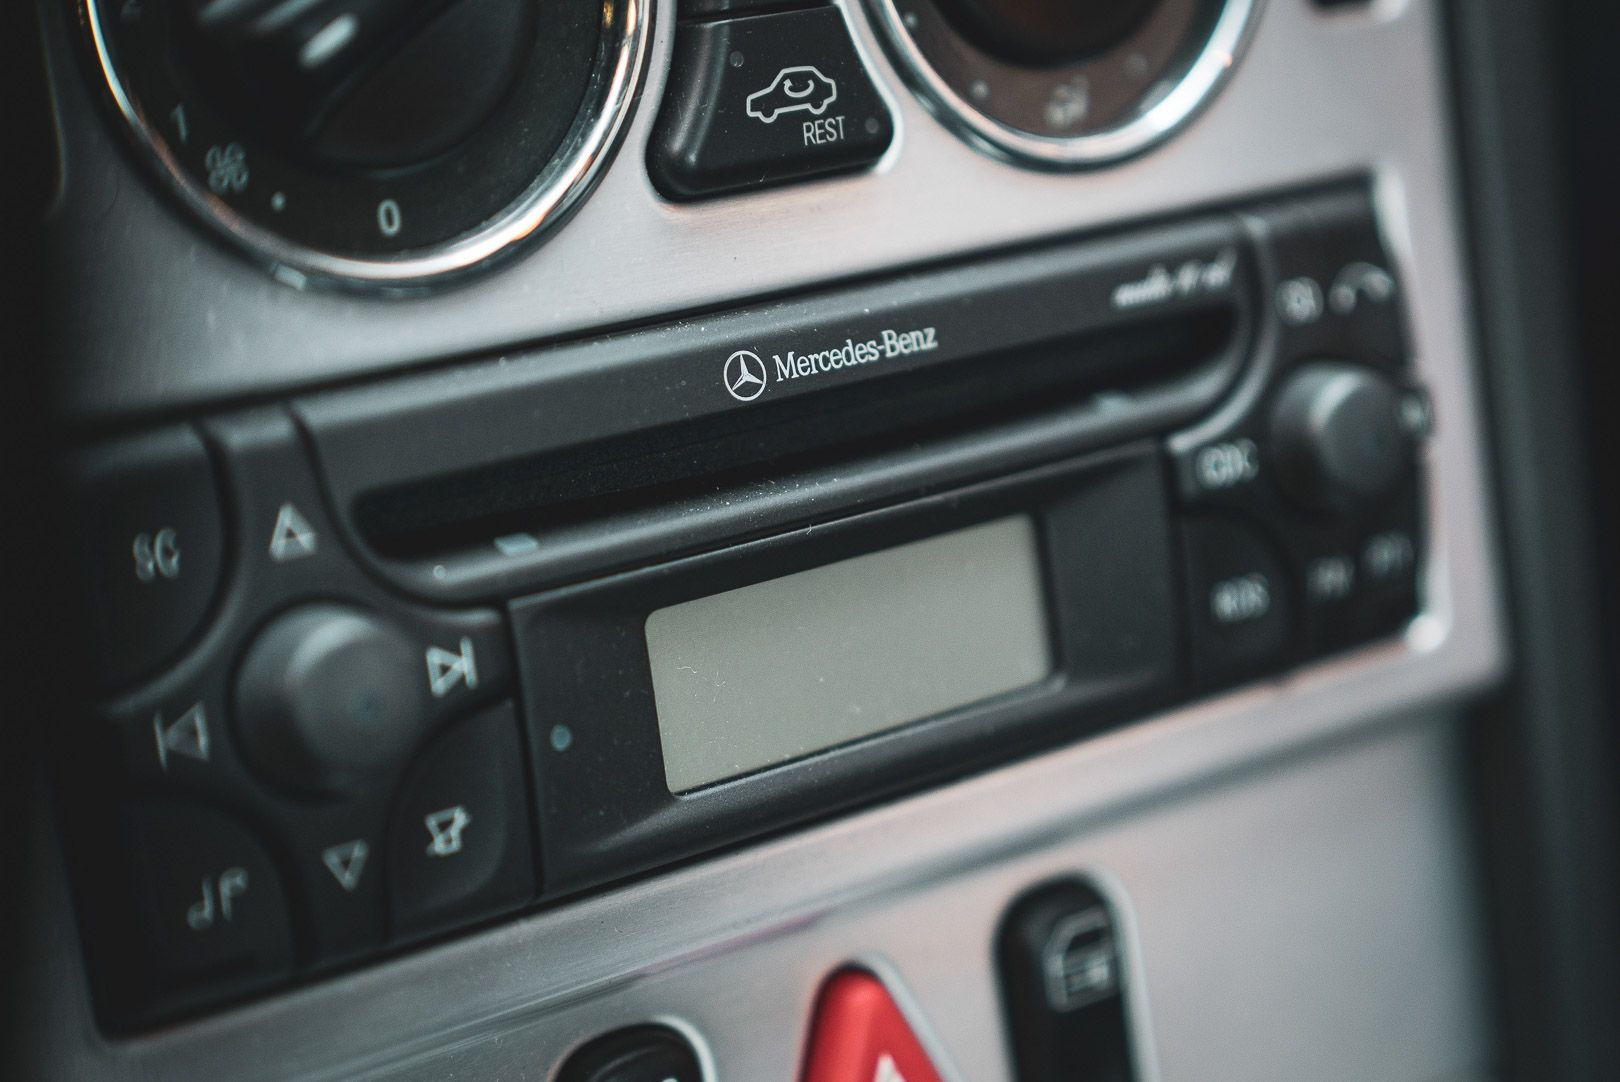 2004 Mercedes Benz 200 SLK Kompressor Special Edition 80771